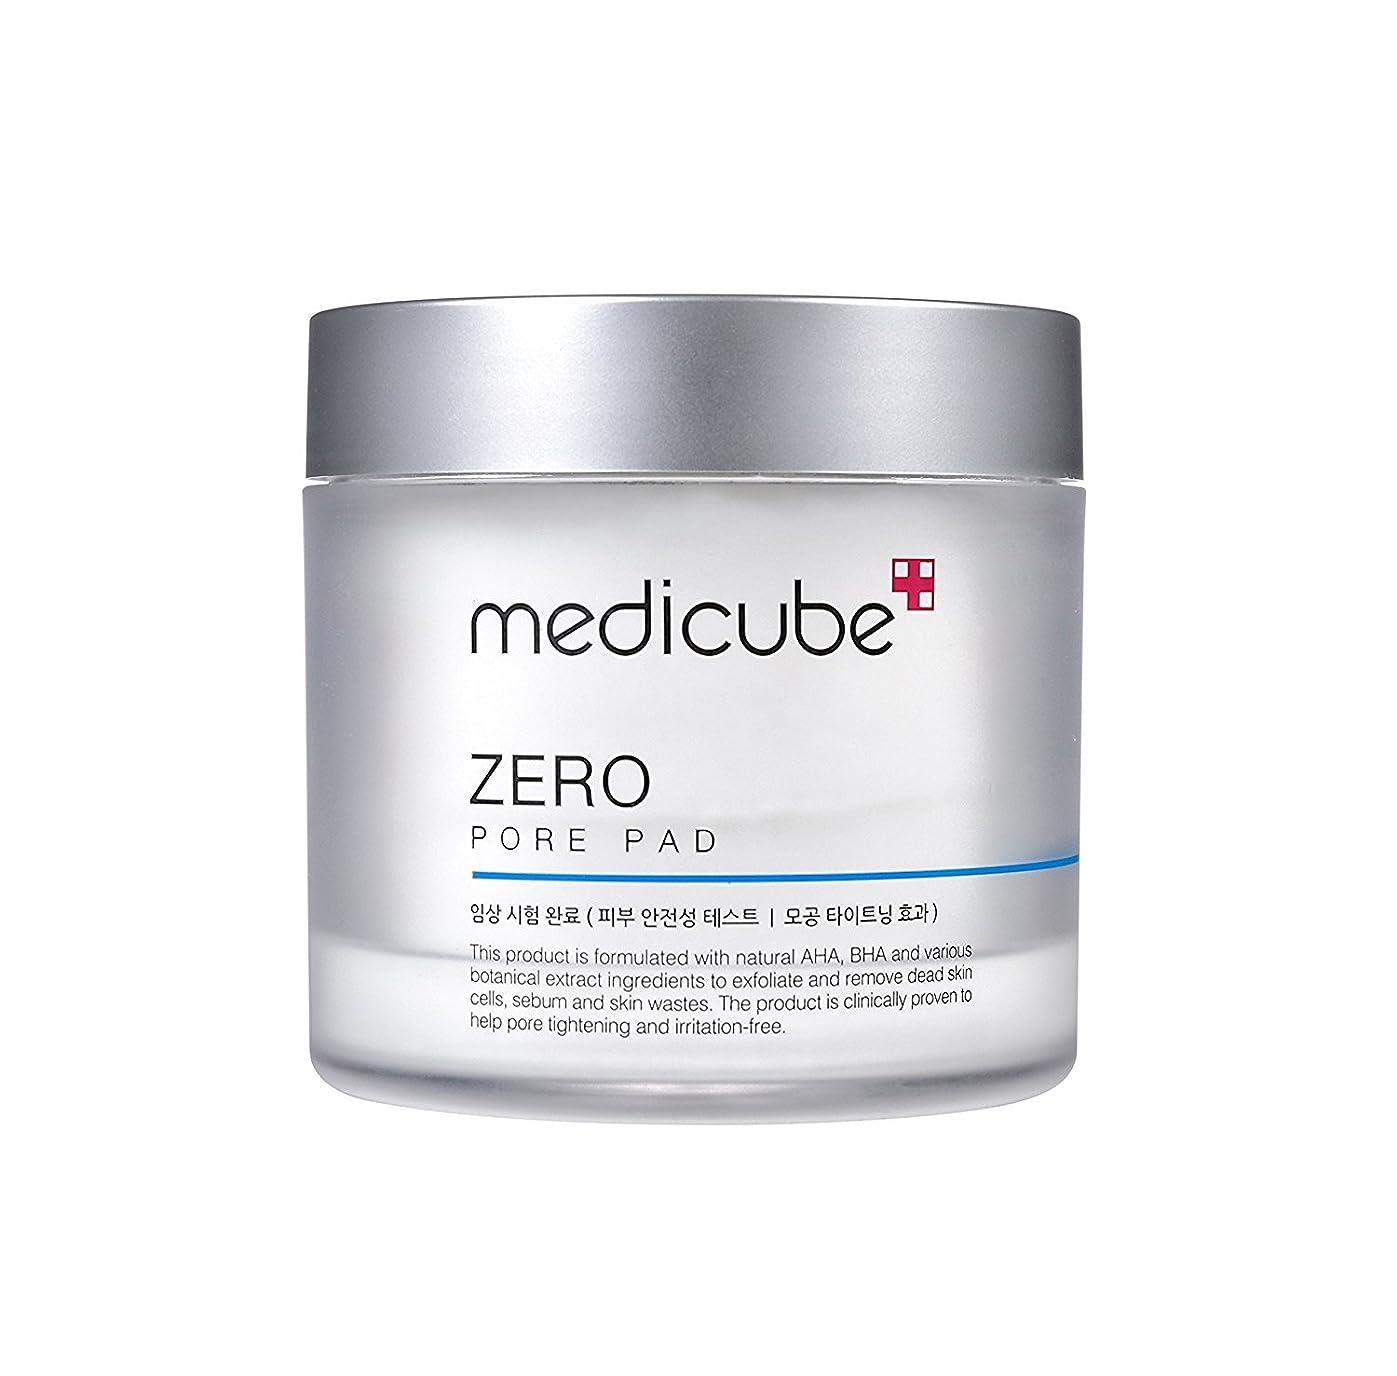 博物館会話鳴らす[Medicube]Zero Pore Pad / ゼロ毛穴パッド / 正品?海外直送商品 [並行輸入品]